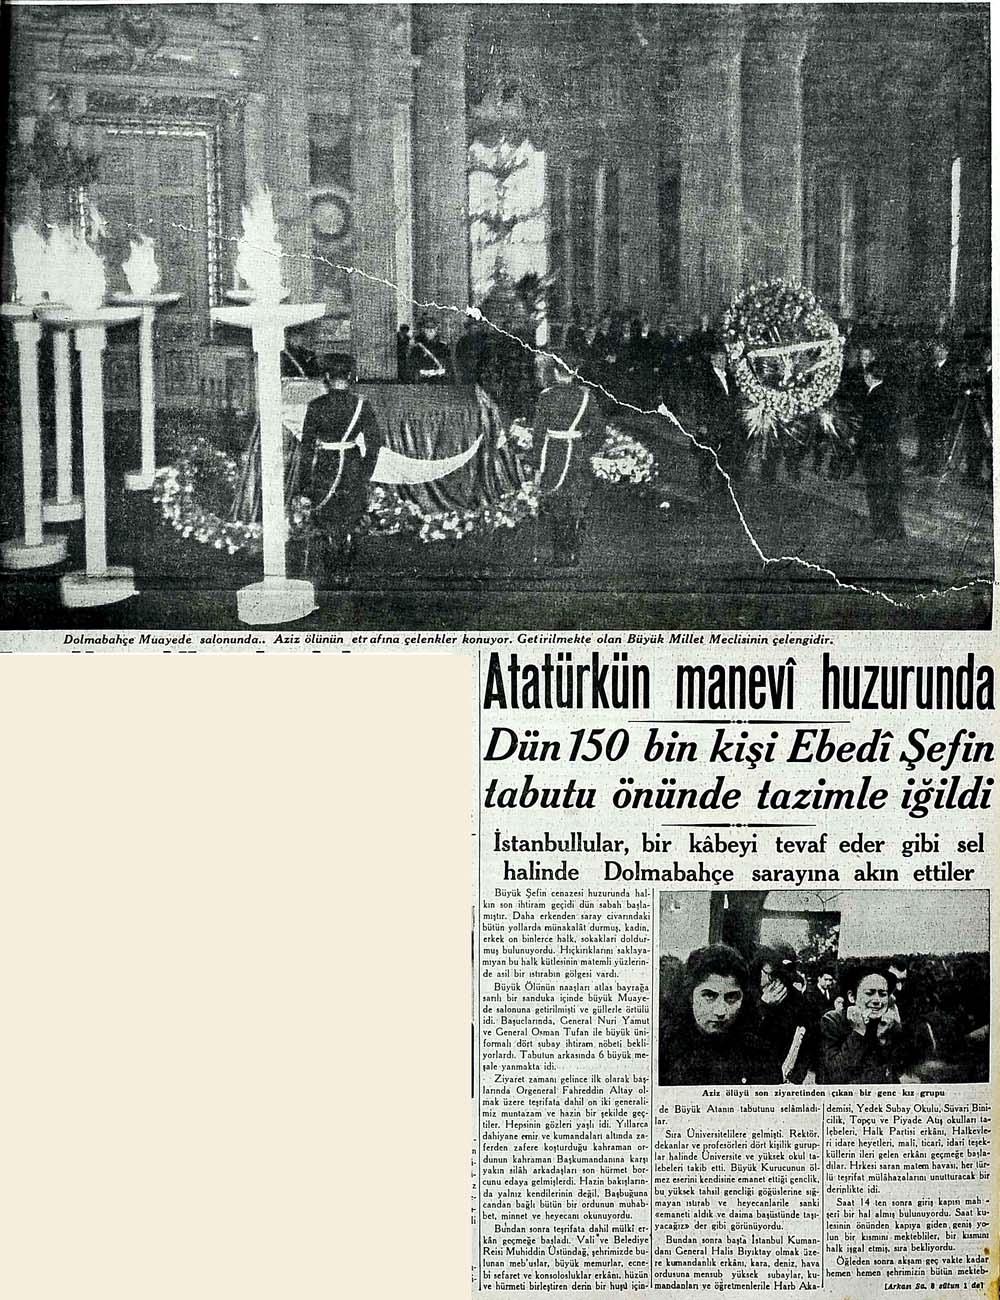 Atatürkün manevi huzurunda..